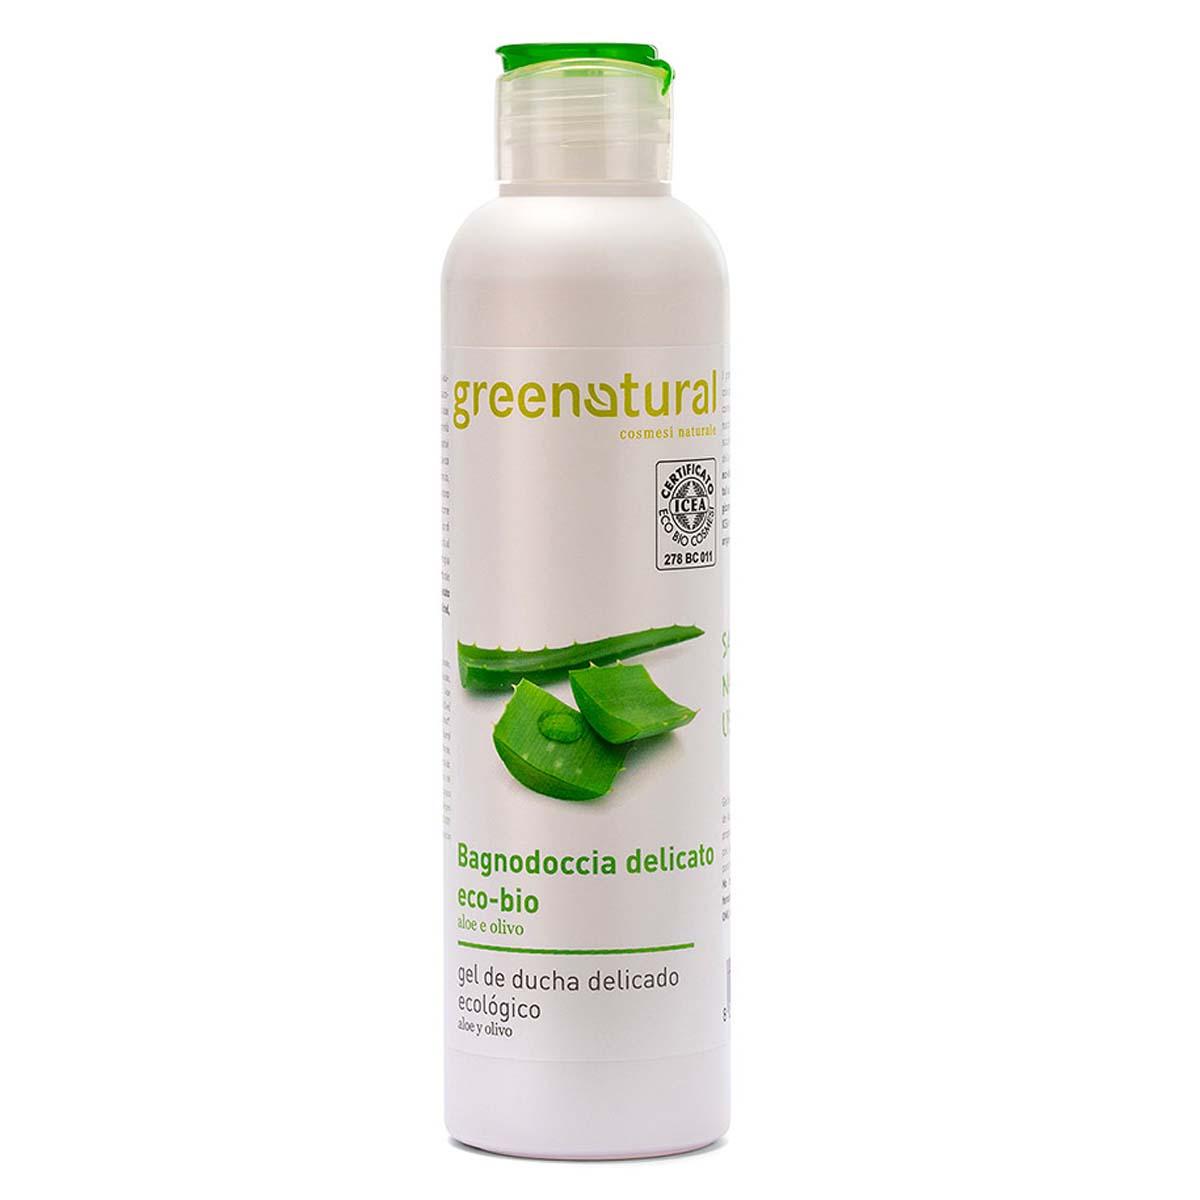 Greenatural – Bagnodoccia Rigenerante Aloe & Olivo 250ml